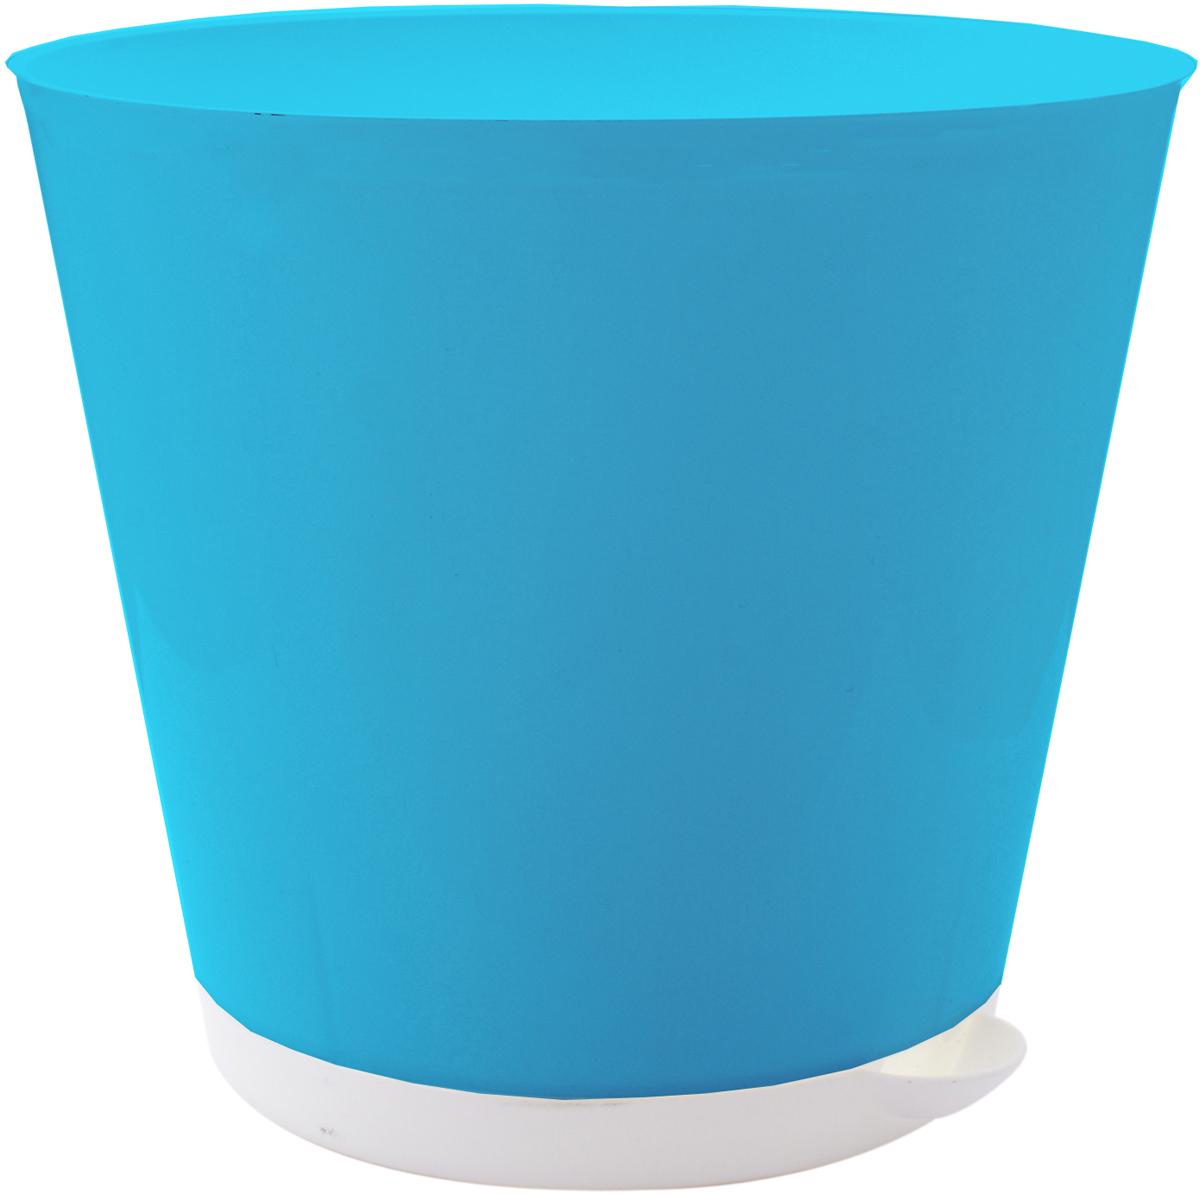 Горшок для цветов InGreen Крит, с системой прикорневого полива, цвет: светло-синий, белый, диаметр 25,4 смING46025СВСНГоршок InGreen Крит, выполненный из высококачественного пластика, предназначен для выращивания комнатных цветов, растений и трав. Специальная конструкция обеспечивает вентиляцию в корневой системе растения, а дренажные отверстия позволяют выходить лишней влаге из почвы. Крепежные отверстия и штыри прочно крепят подставку к горшку. Прикорневой полив растения осуществляется через удобный носик. Система прикорневого полива позволяет оставлять комнатное растение без внимания тем, кто часто находится в командировках или собирается в отпуск и не имеет возможности вовремя поливать цветы. Такой горшок порадует вас современным дизайном и функциональностью, а также оригинально украсит интерьер любого помещения. Объем: 7 л. Диаметр горшка (по верхнему краю): 25,4 см. Высота горшка: 22,6 см.